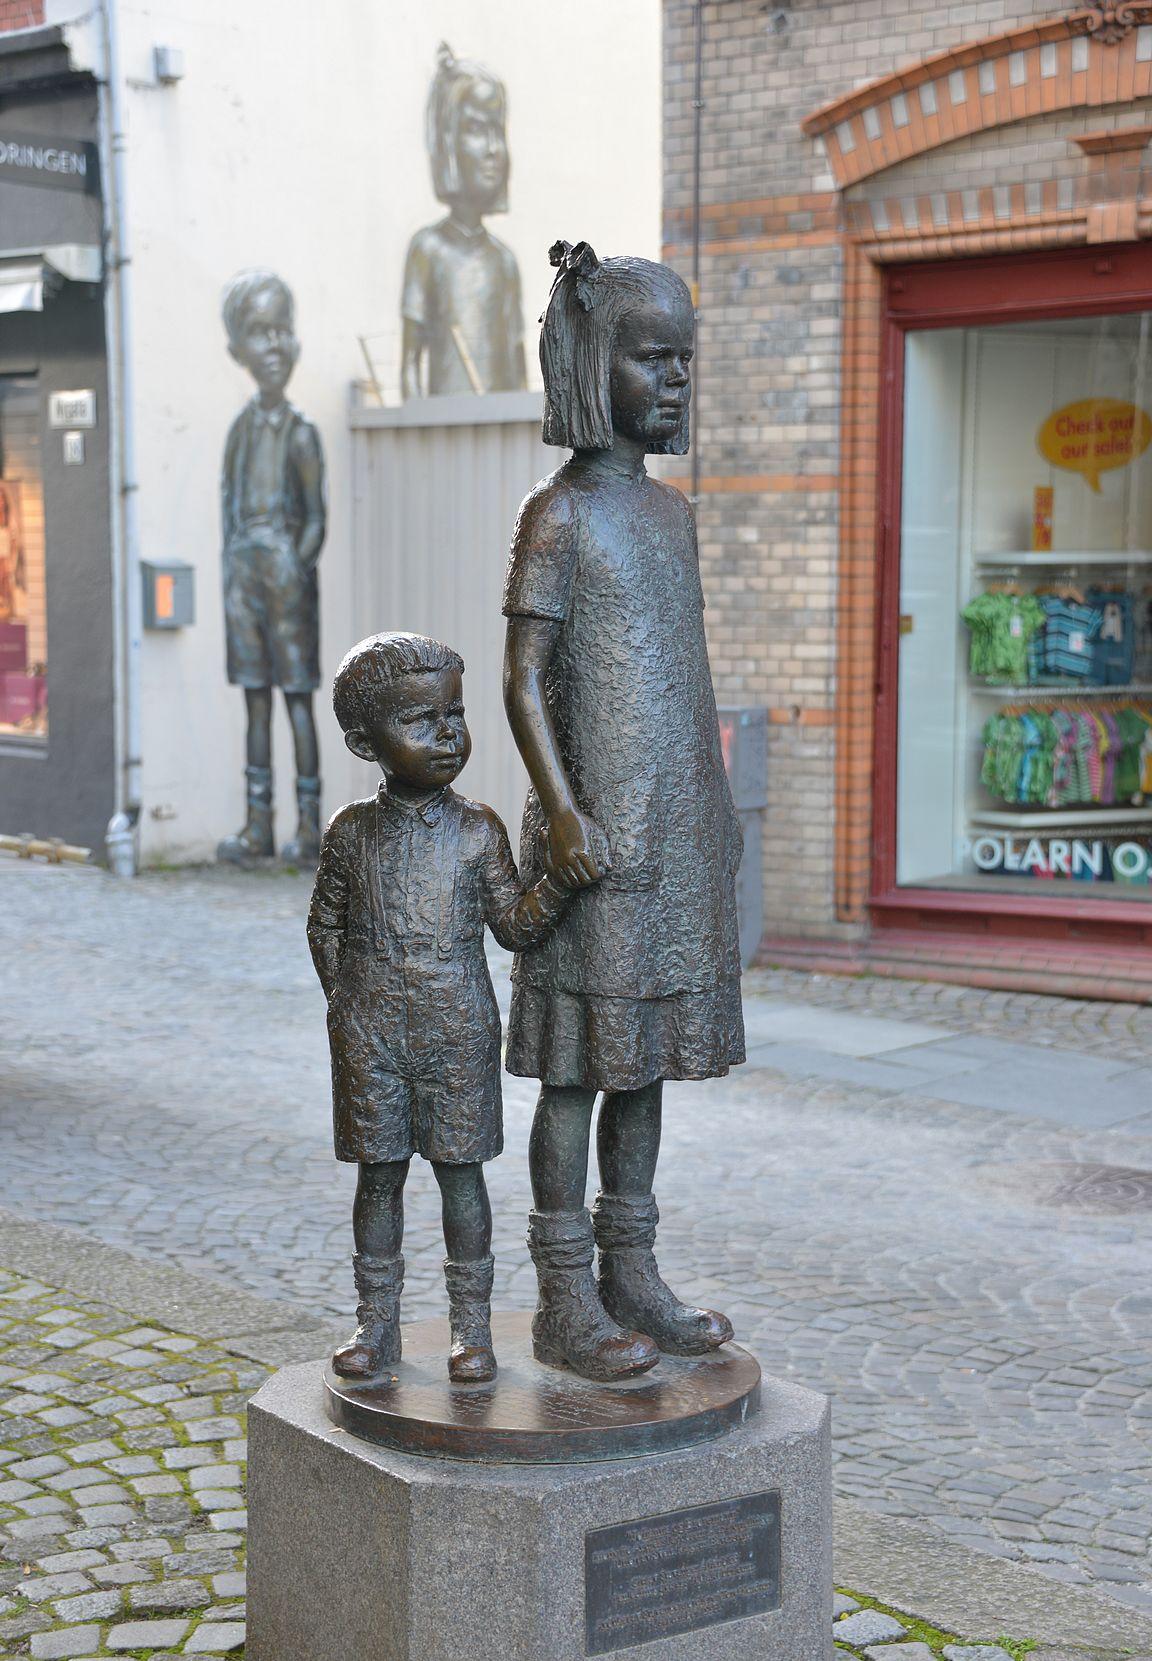 Patsaat ja seinämaalaukset ovat läsnä koko ajan Stavangerissa. Tässäpä ehkä jopa kaupungin paras yhdistelmä.